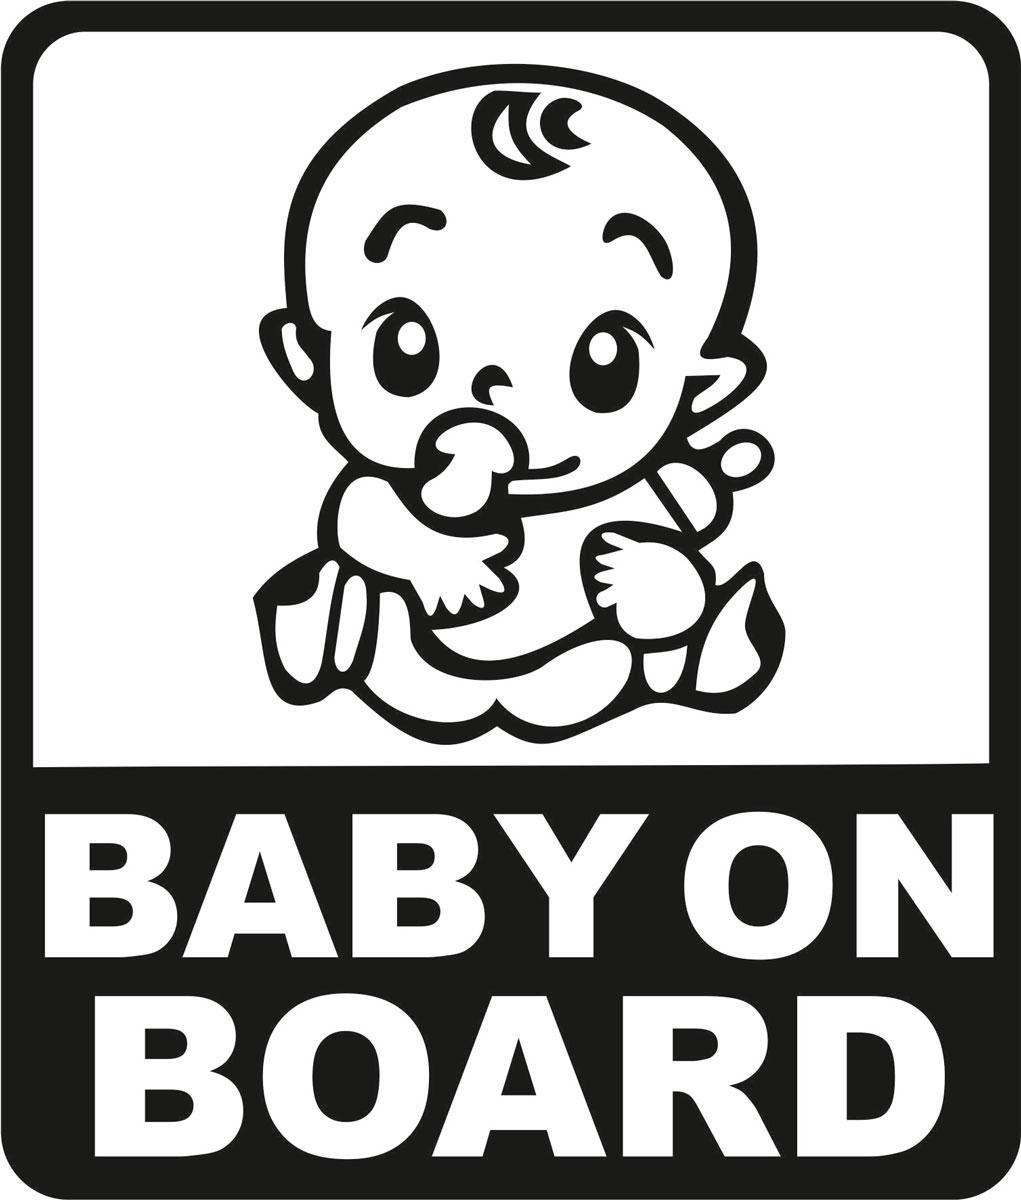 Наклейка автомобильная Оранжевый слоник Baby on Board. Квадрат 2, виниловая, цвет: черный150RM0006BОригинальная наклейка Оранжевый слоник Baby on Board. Квадрат 2 изготовлена из долговечного винила, который выполняет не только декоративную функцию, но и защищает кузов от небольших механических повреждений, либо скрывает уже существующие.Виниловые наклейки на авто - это не только красиво, но еще и быстро! Всего за несколько минут вы можете полностью преобразить свой автомобиль, сделать его ярким, необычным, особенным и неповторимым!